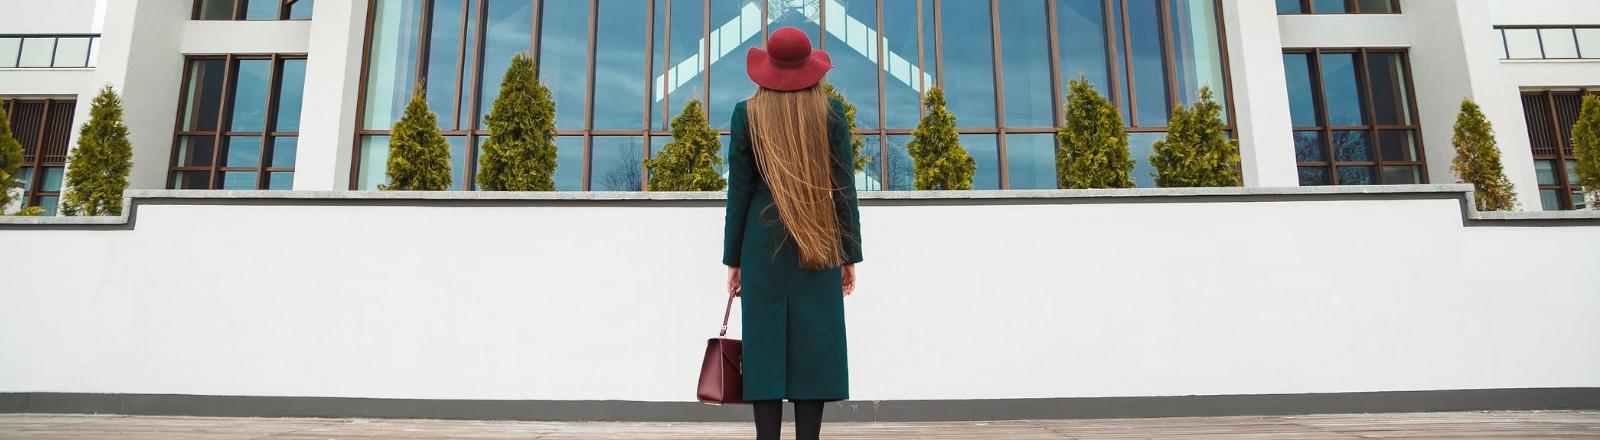 Eine Frau steht vor einem großen Haus